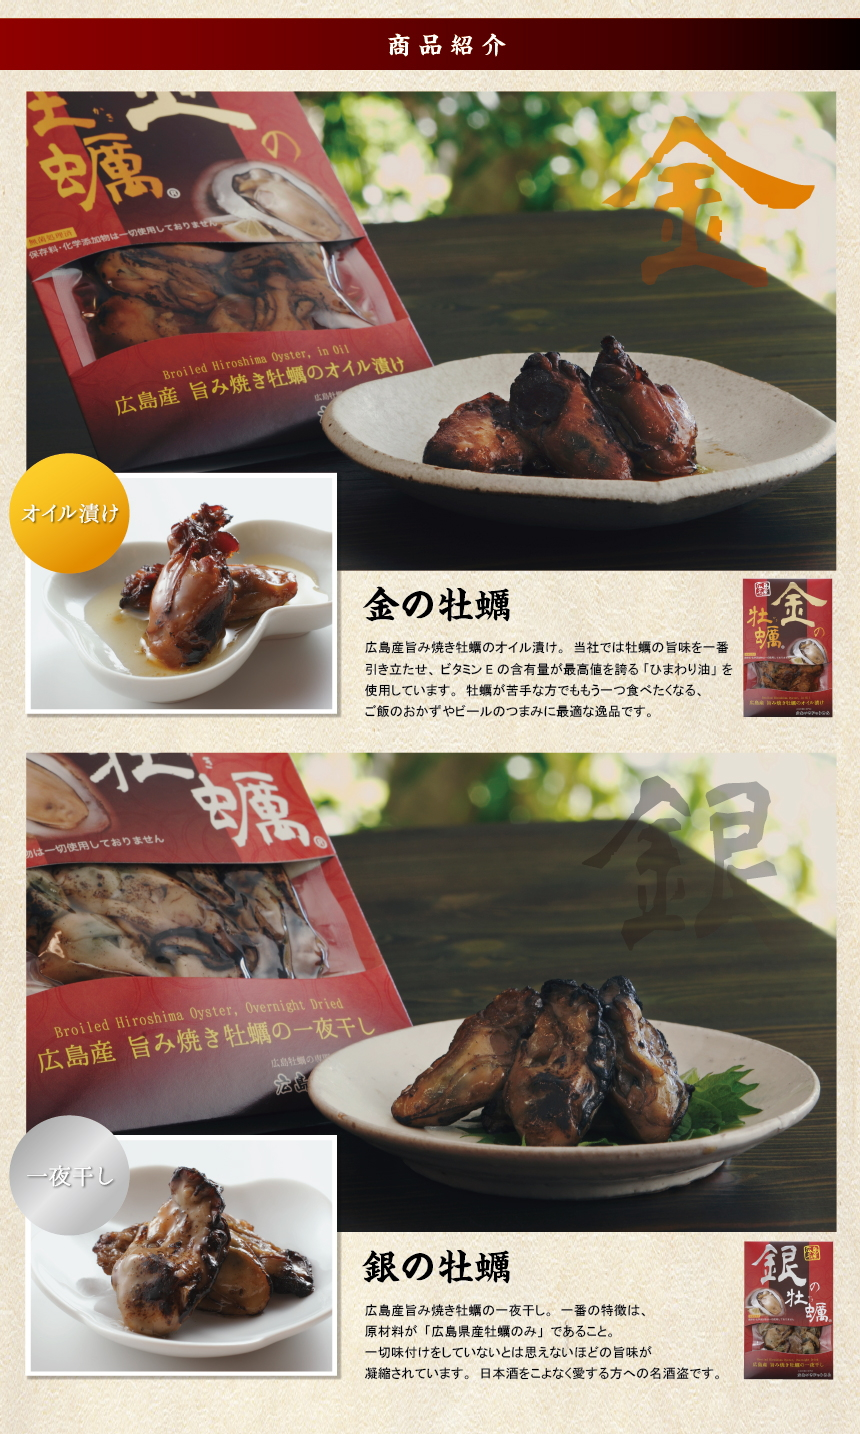 金の牡蠣・銀の牡蠣 商品紹介